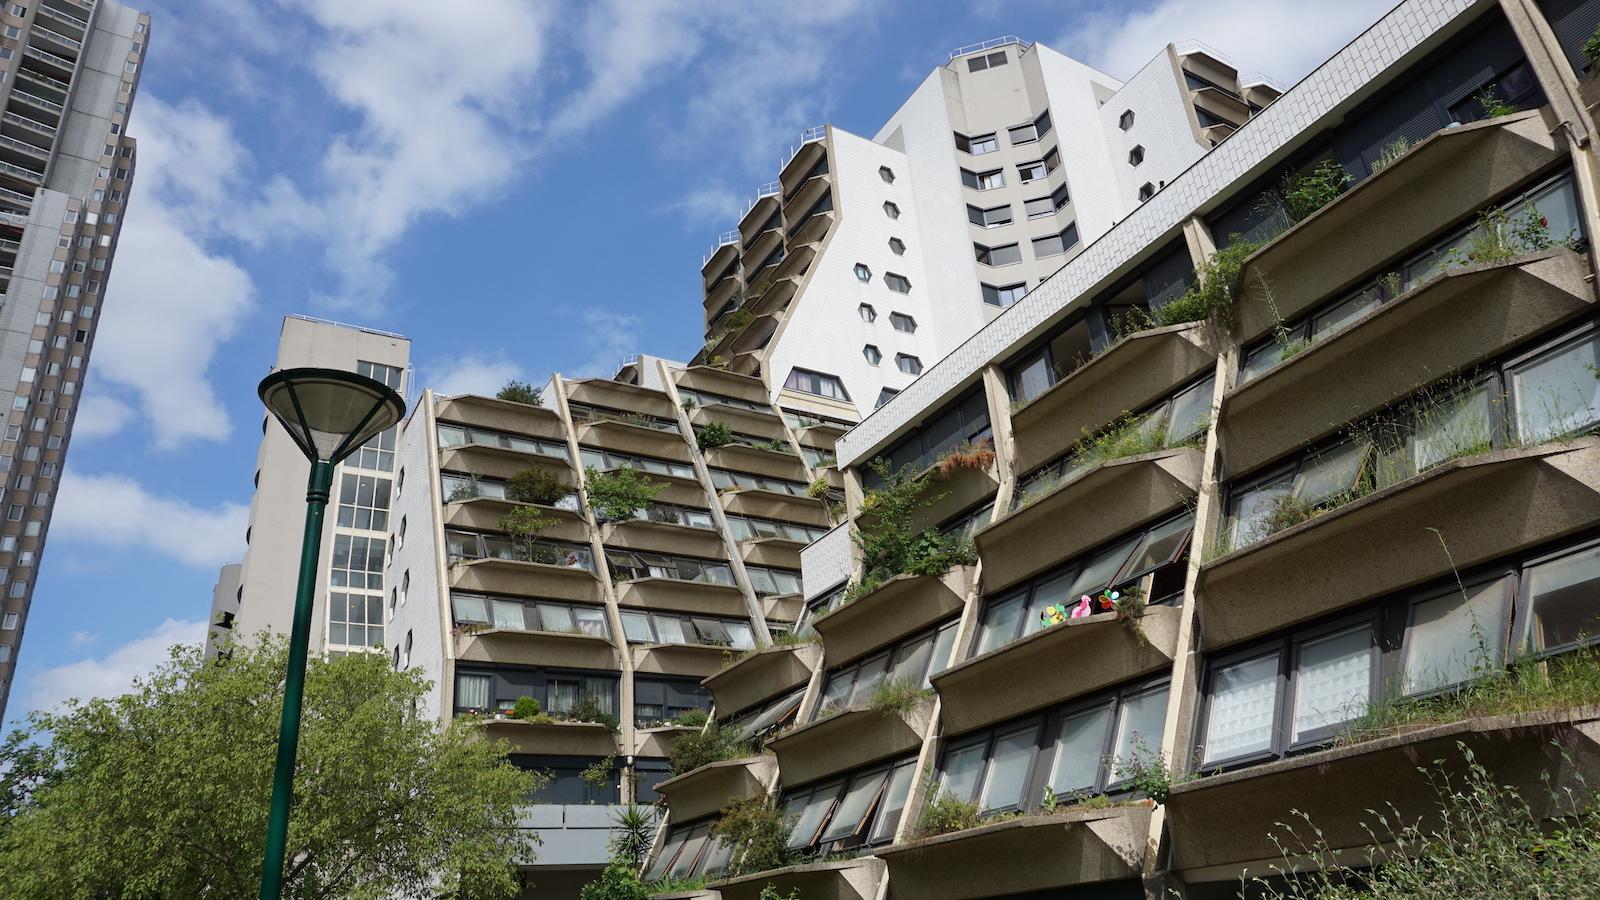 Paris public housing.